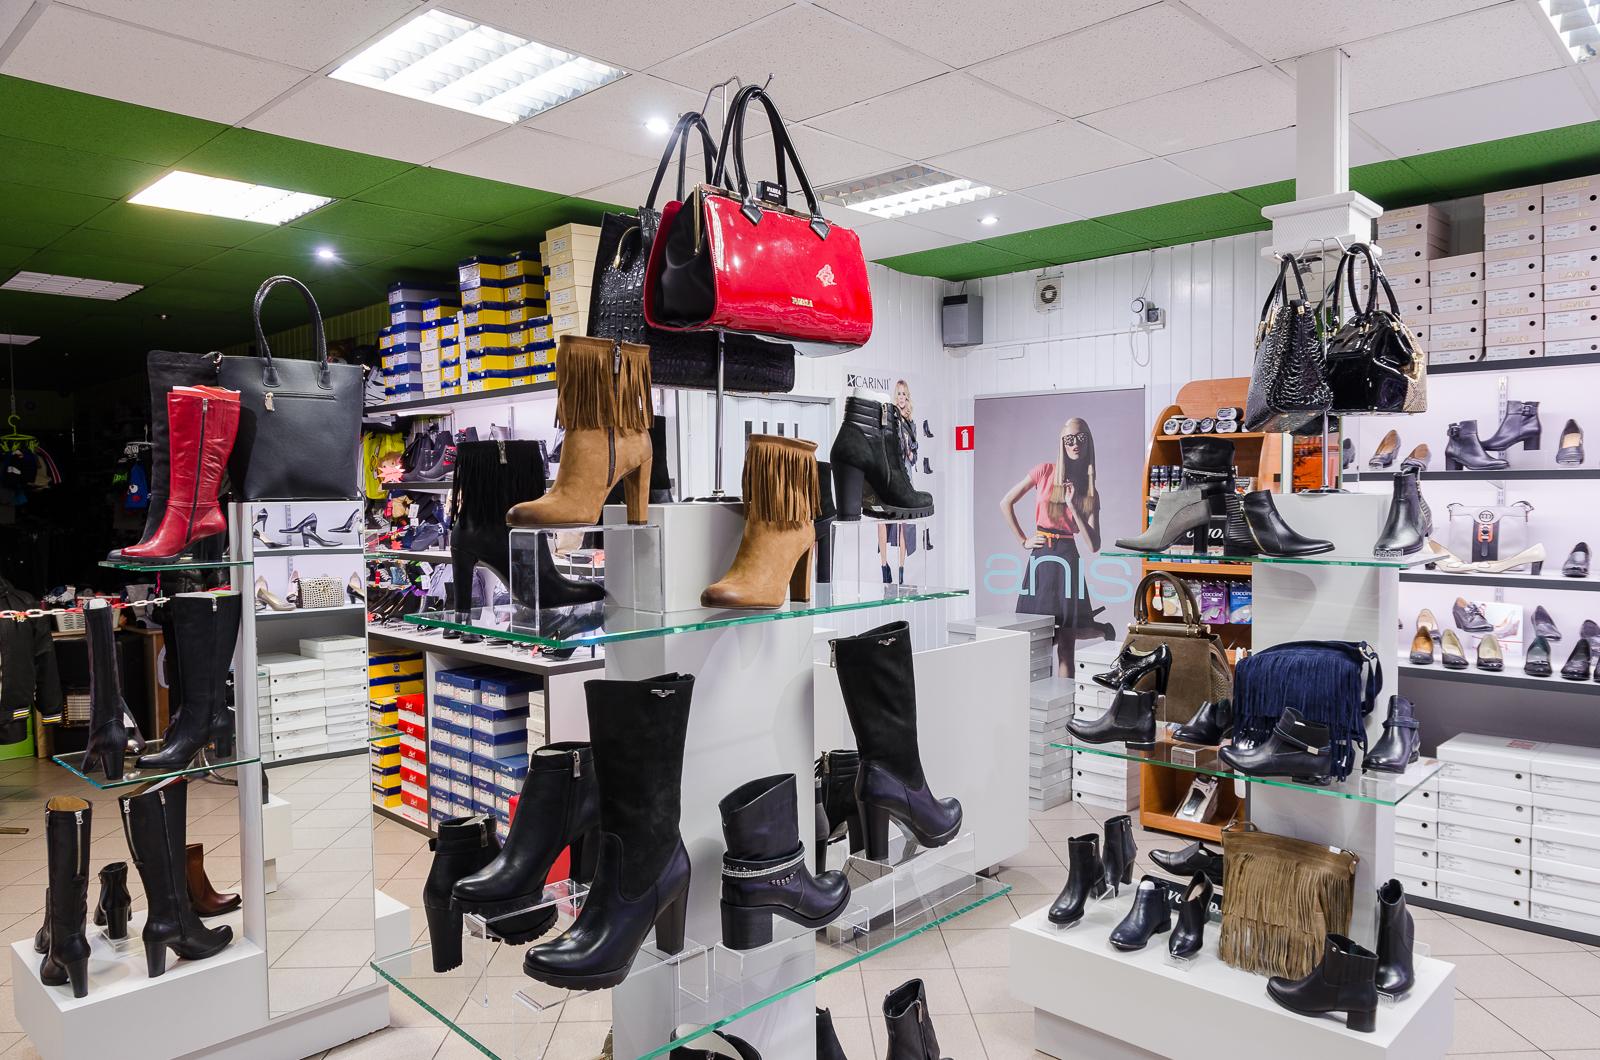 0166d902319131 Anny (mały targ) w Lubaczowie został otwarty sklep obuwniczy dla kobiet.  Jego oferta jest bardzo ciekawa – znajdziemy w nim buty takich marek jak:  Avanti, ...